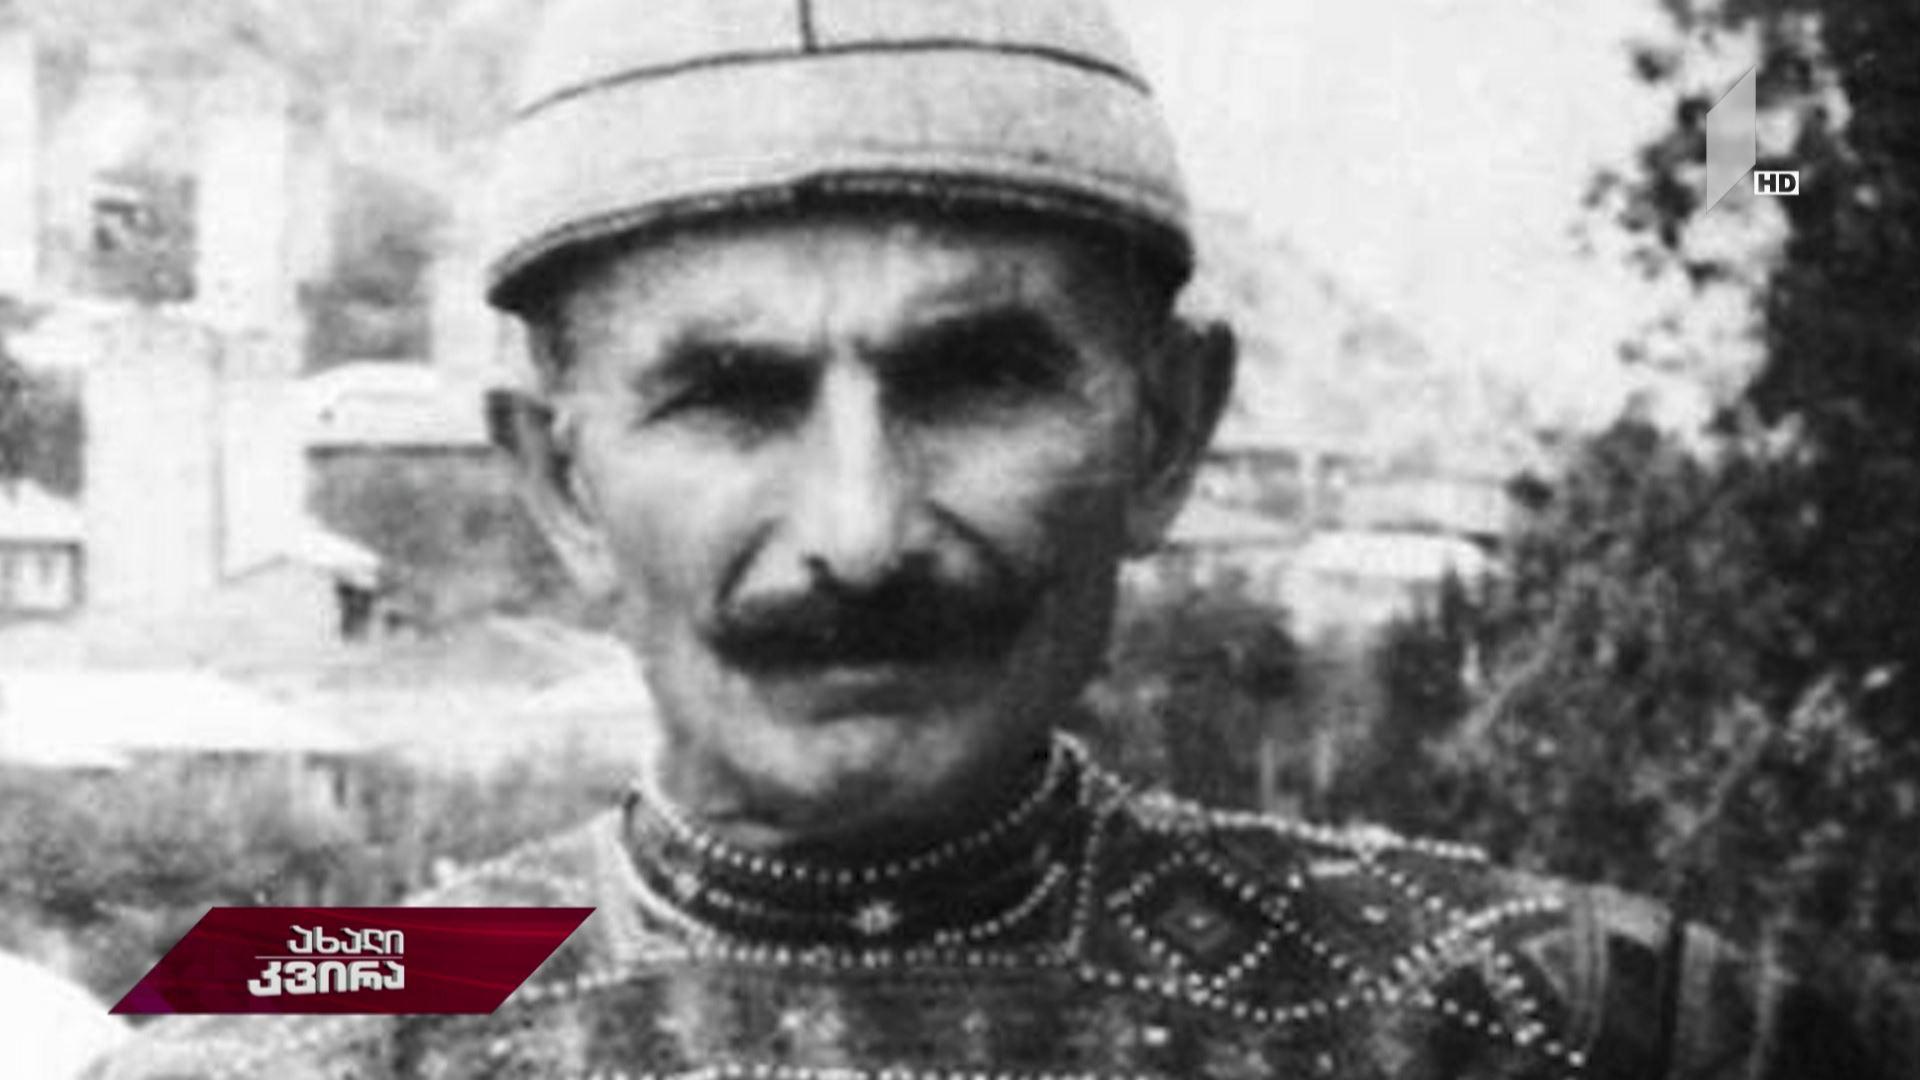 ივანე წიკლაურის 100 წლის იუბილე